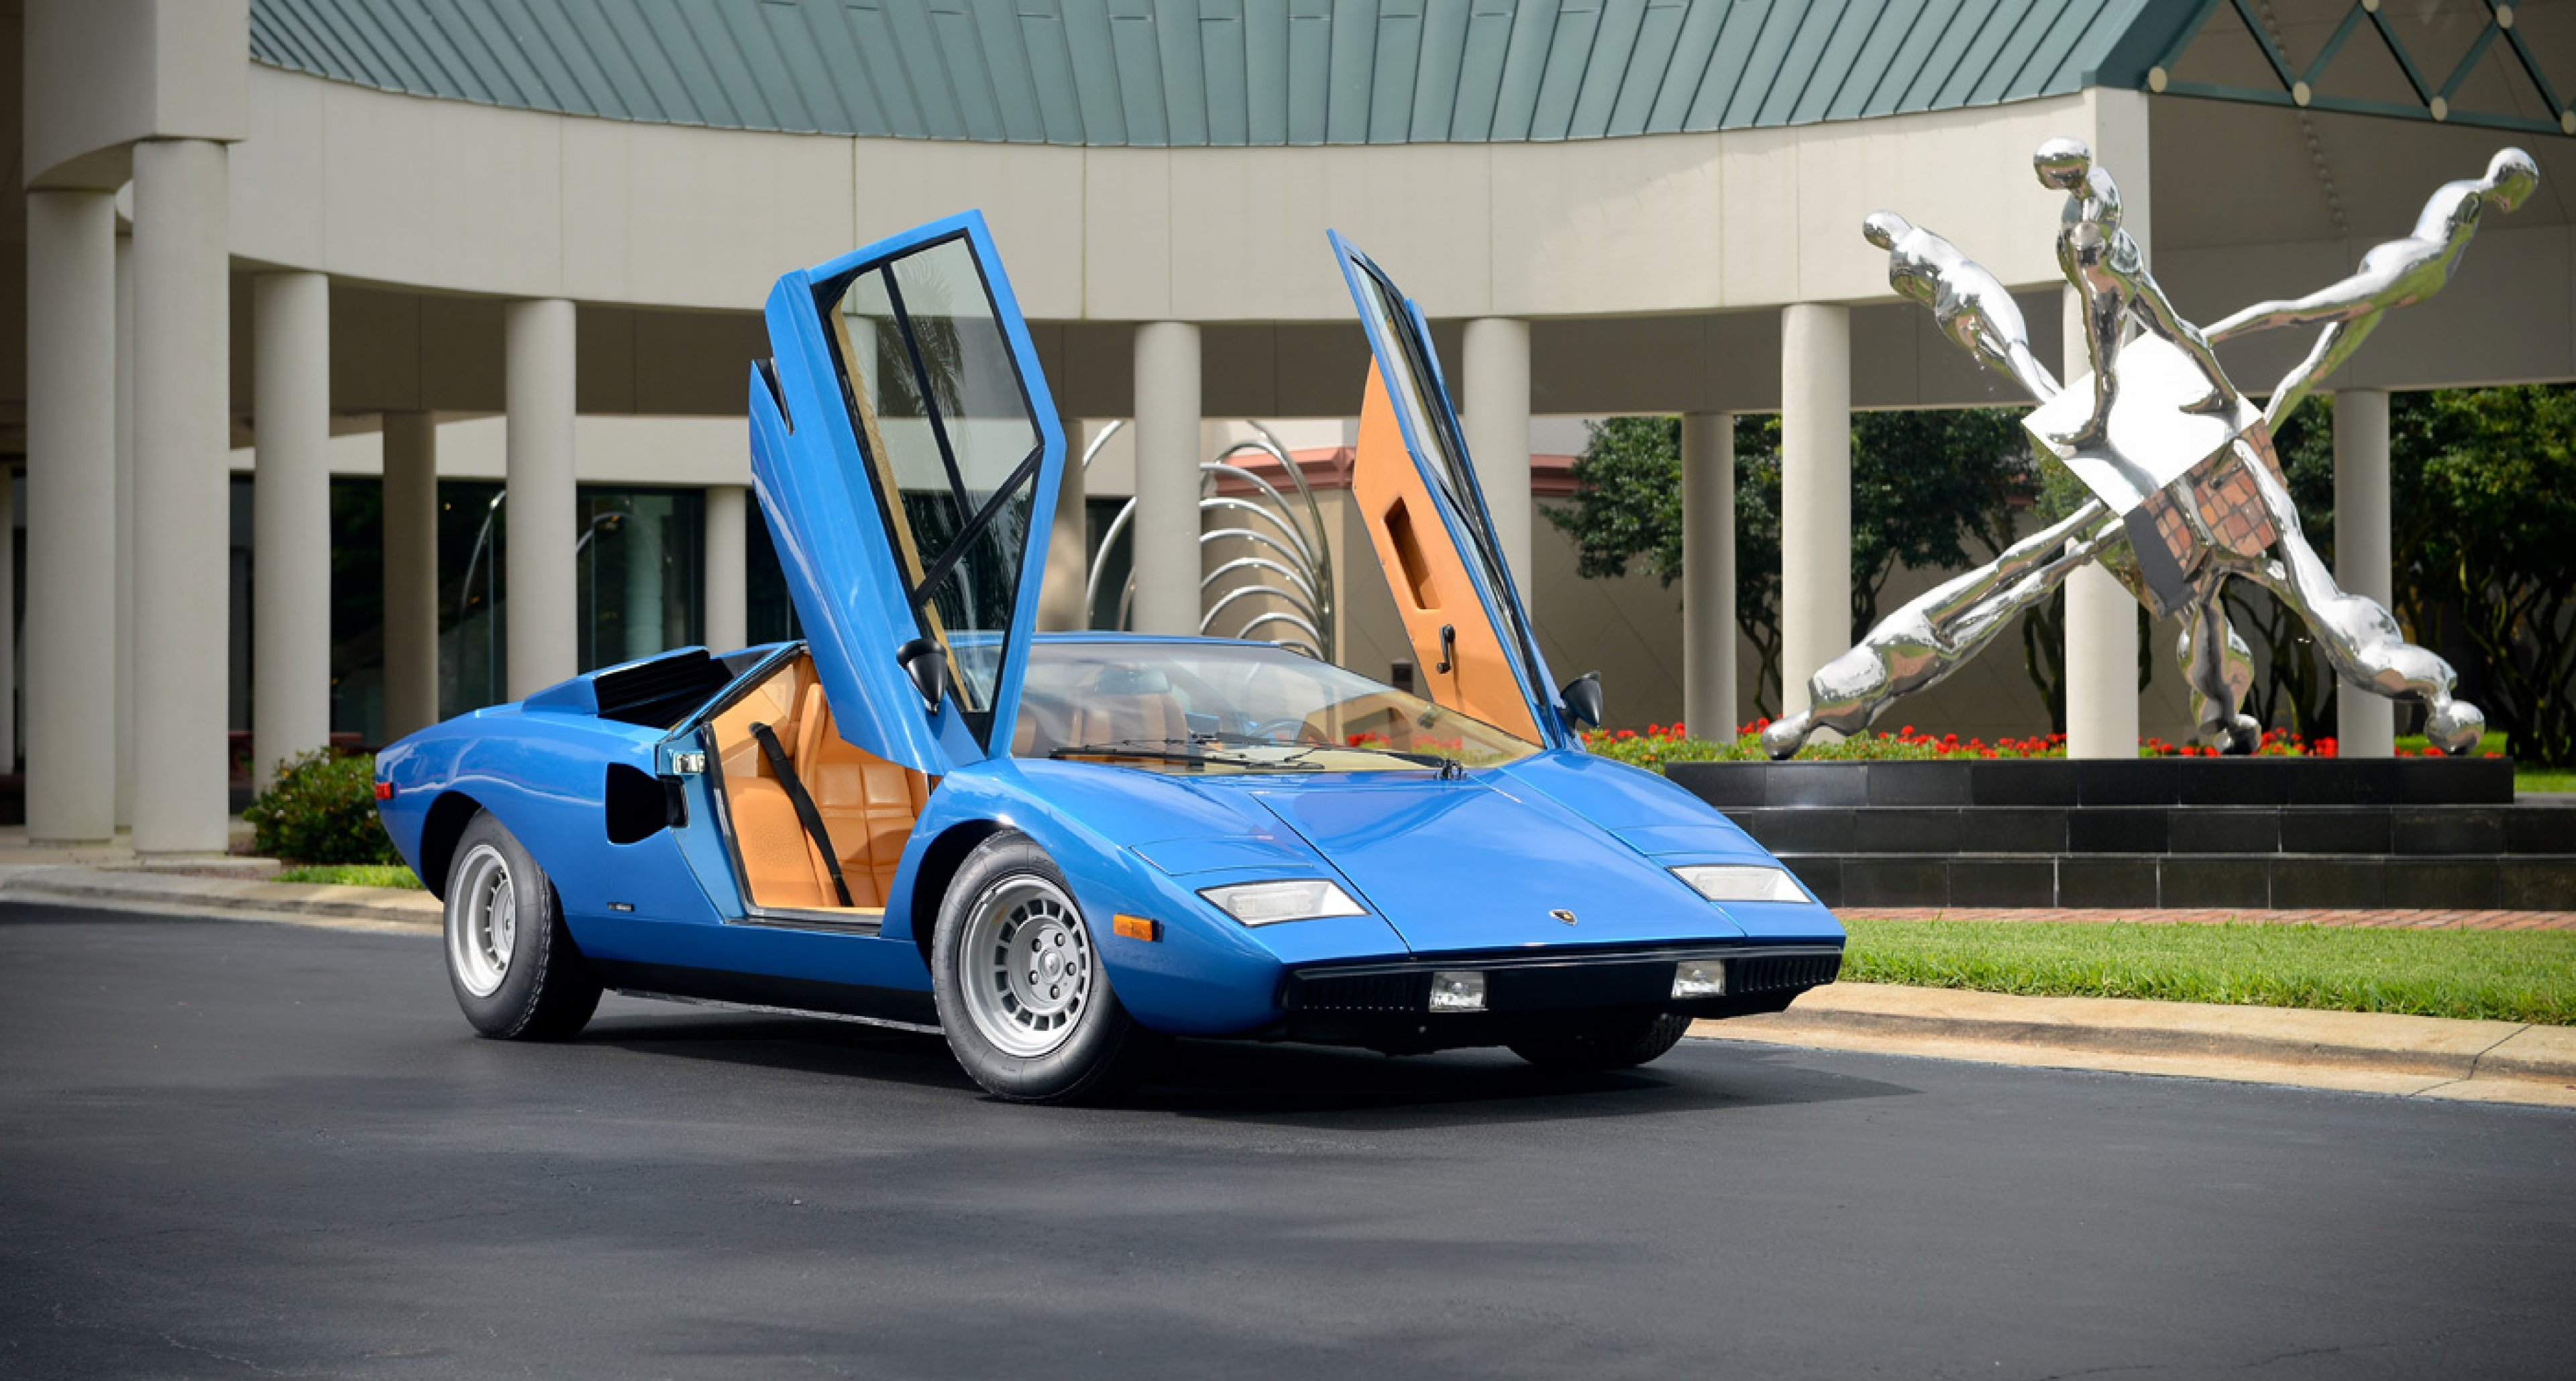 The 1975 Lamborghini Countach LP 400 'Periscopica' sold by Bonhams in June 2014 for $1.2m